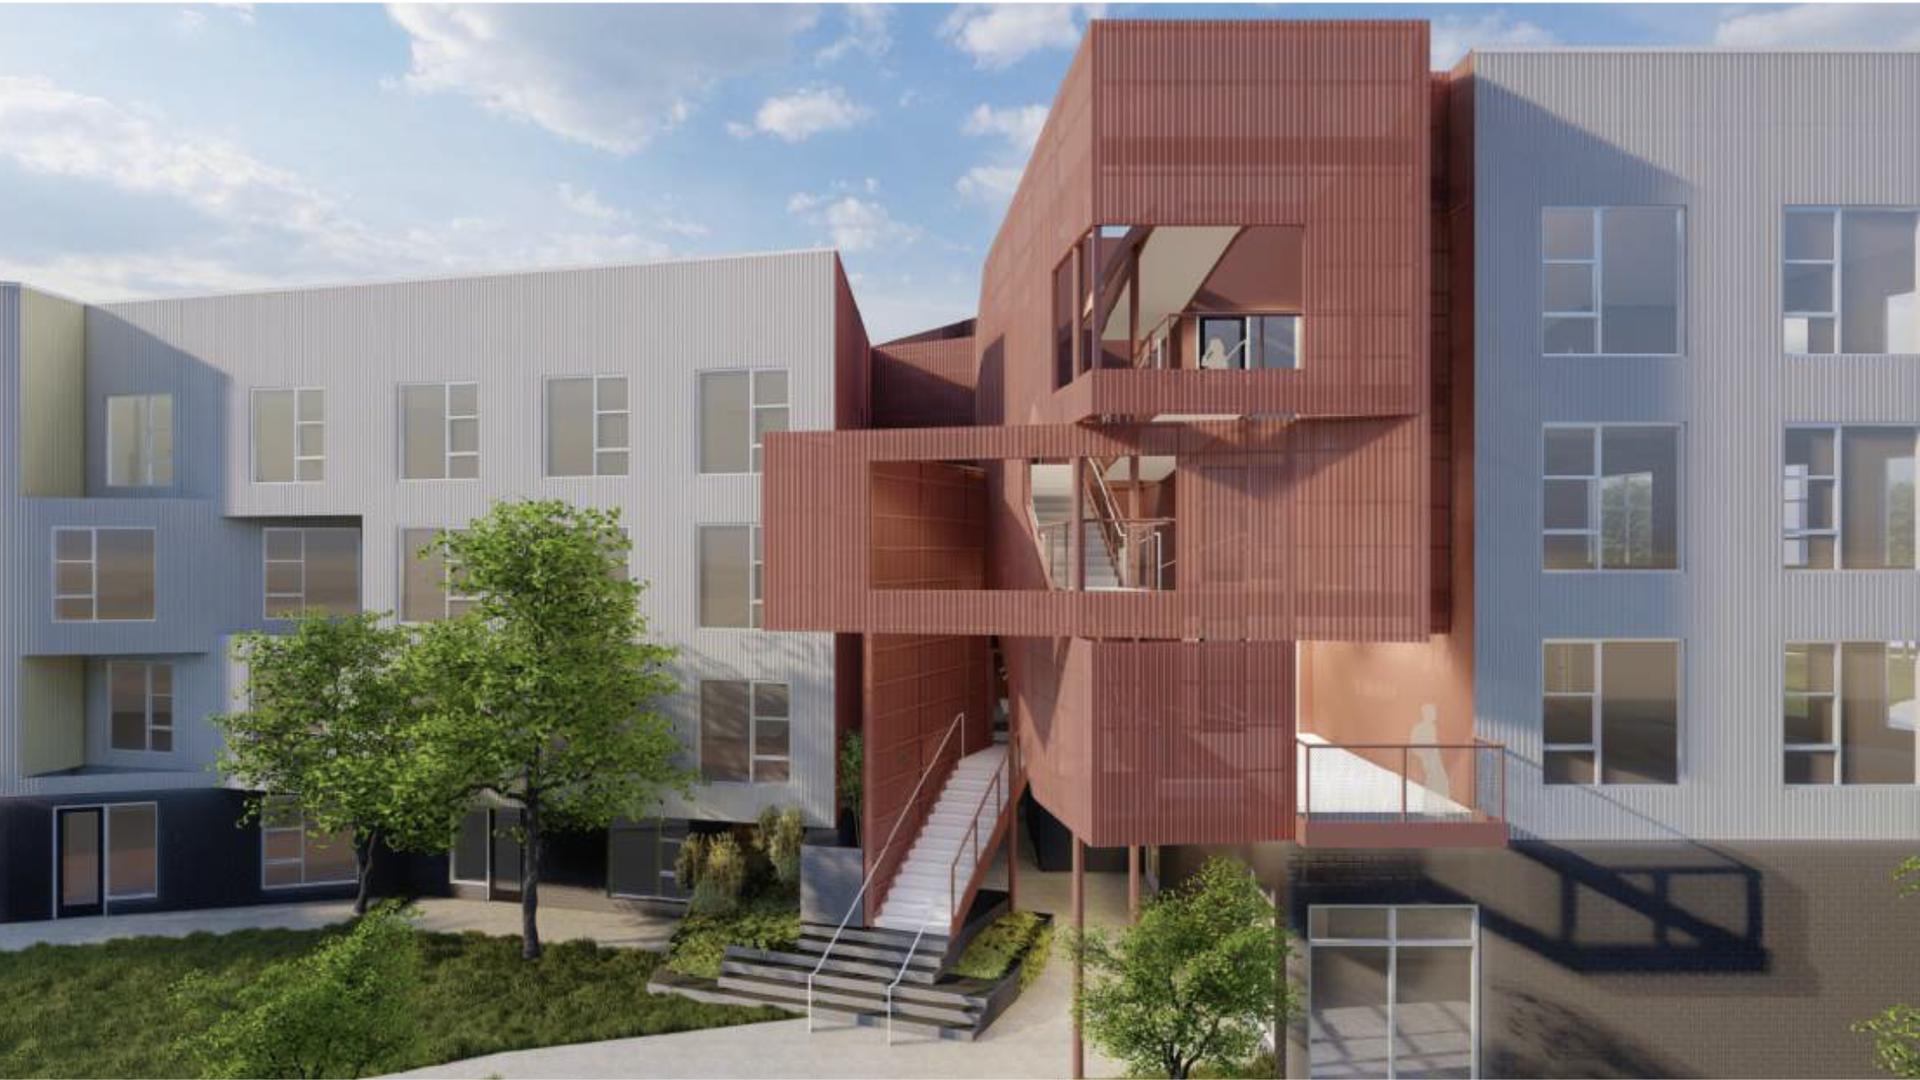 rendering of SOMO lofts